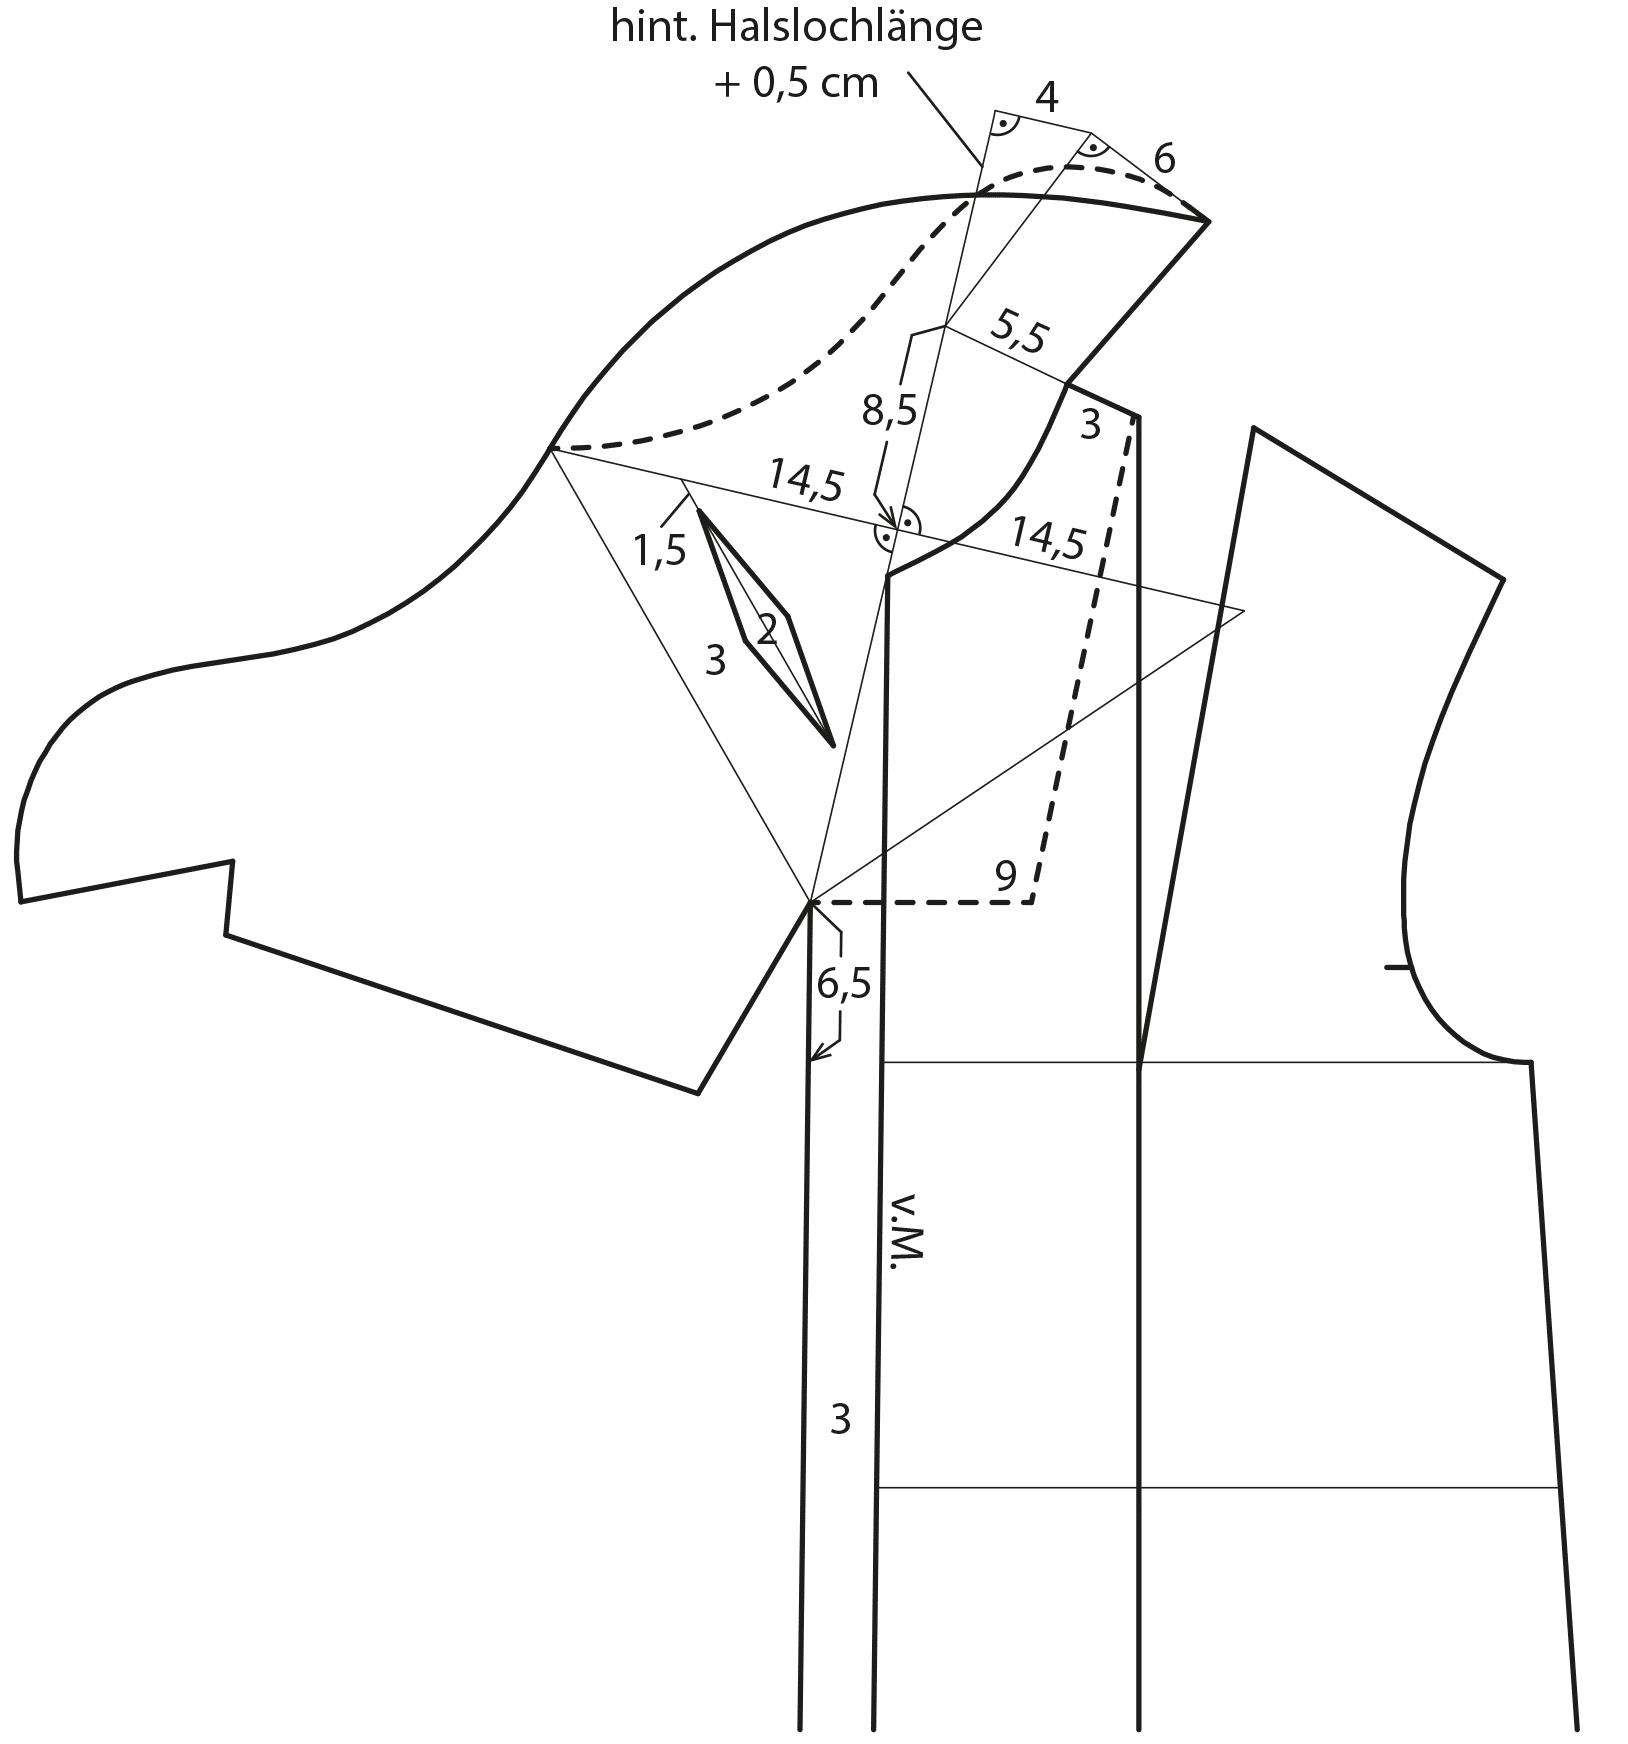 Die Abbildung zeigt die Schnittkonstruktion des Mantels mit doppelten Stehkragens